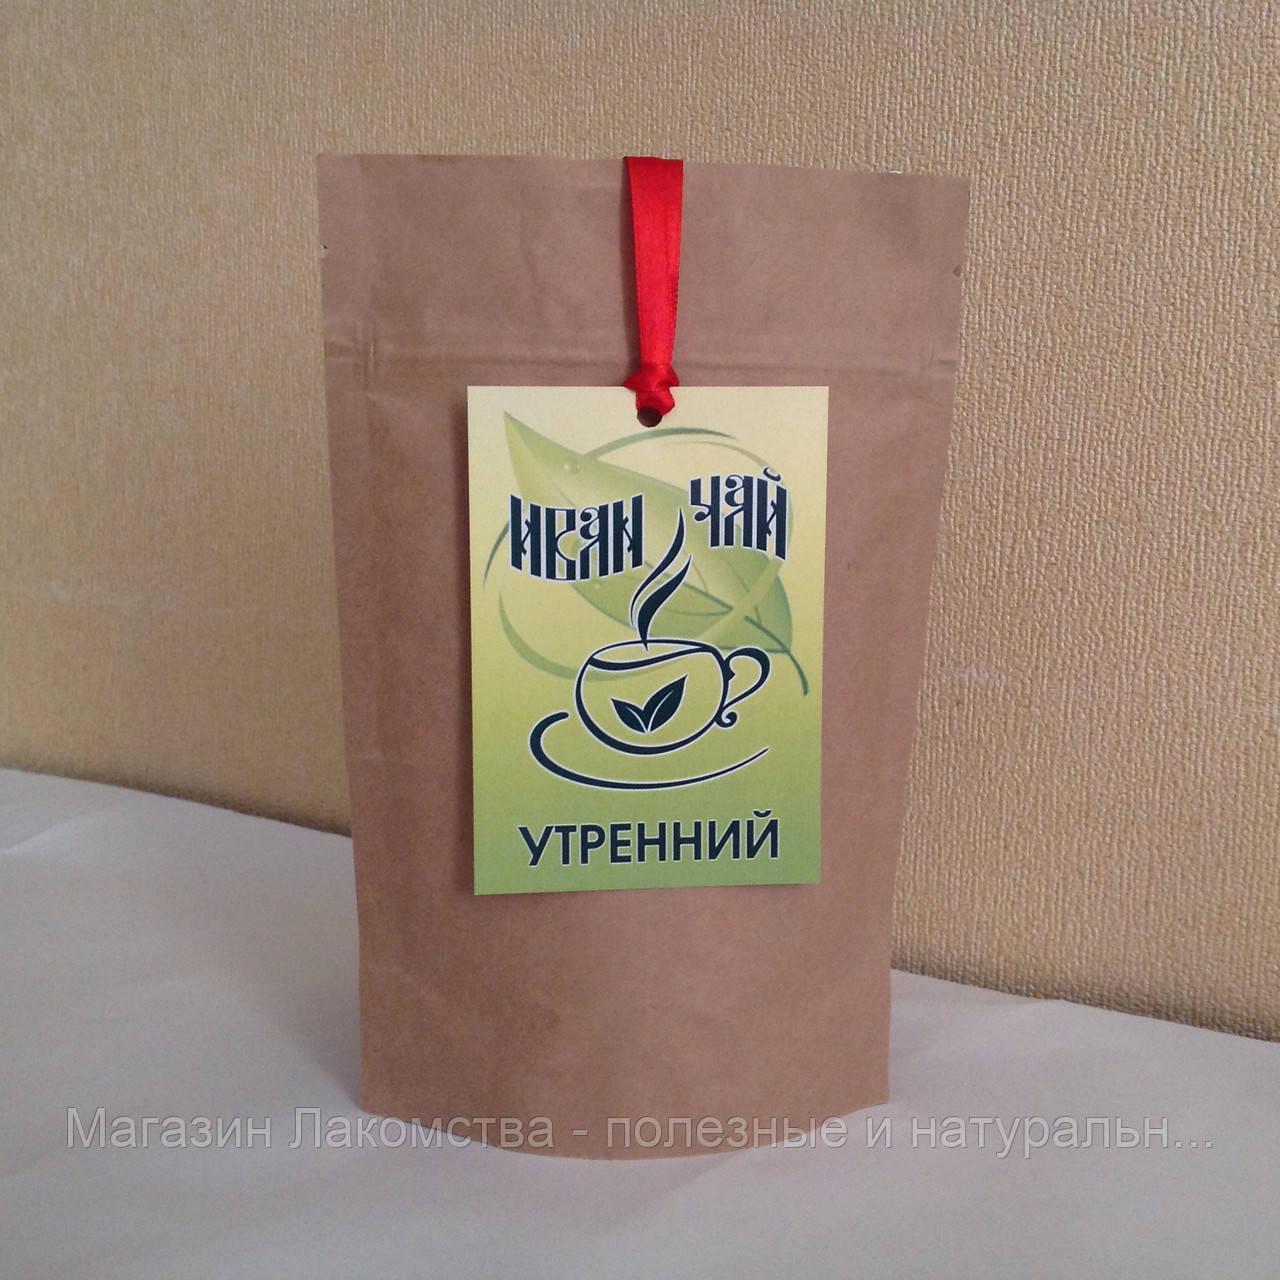 Иван-чай Утренний, 75 г